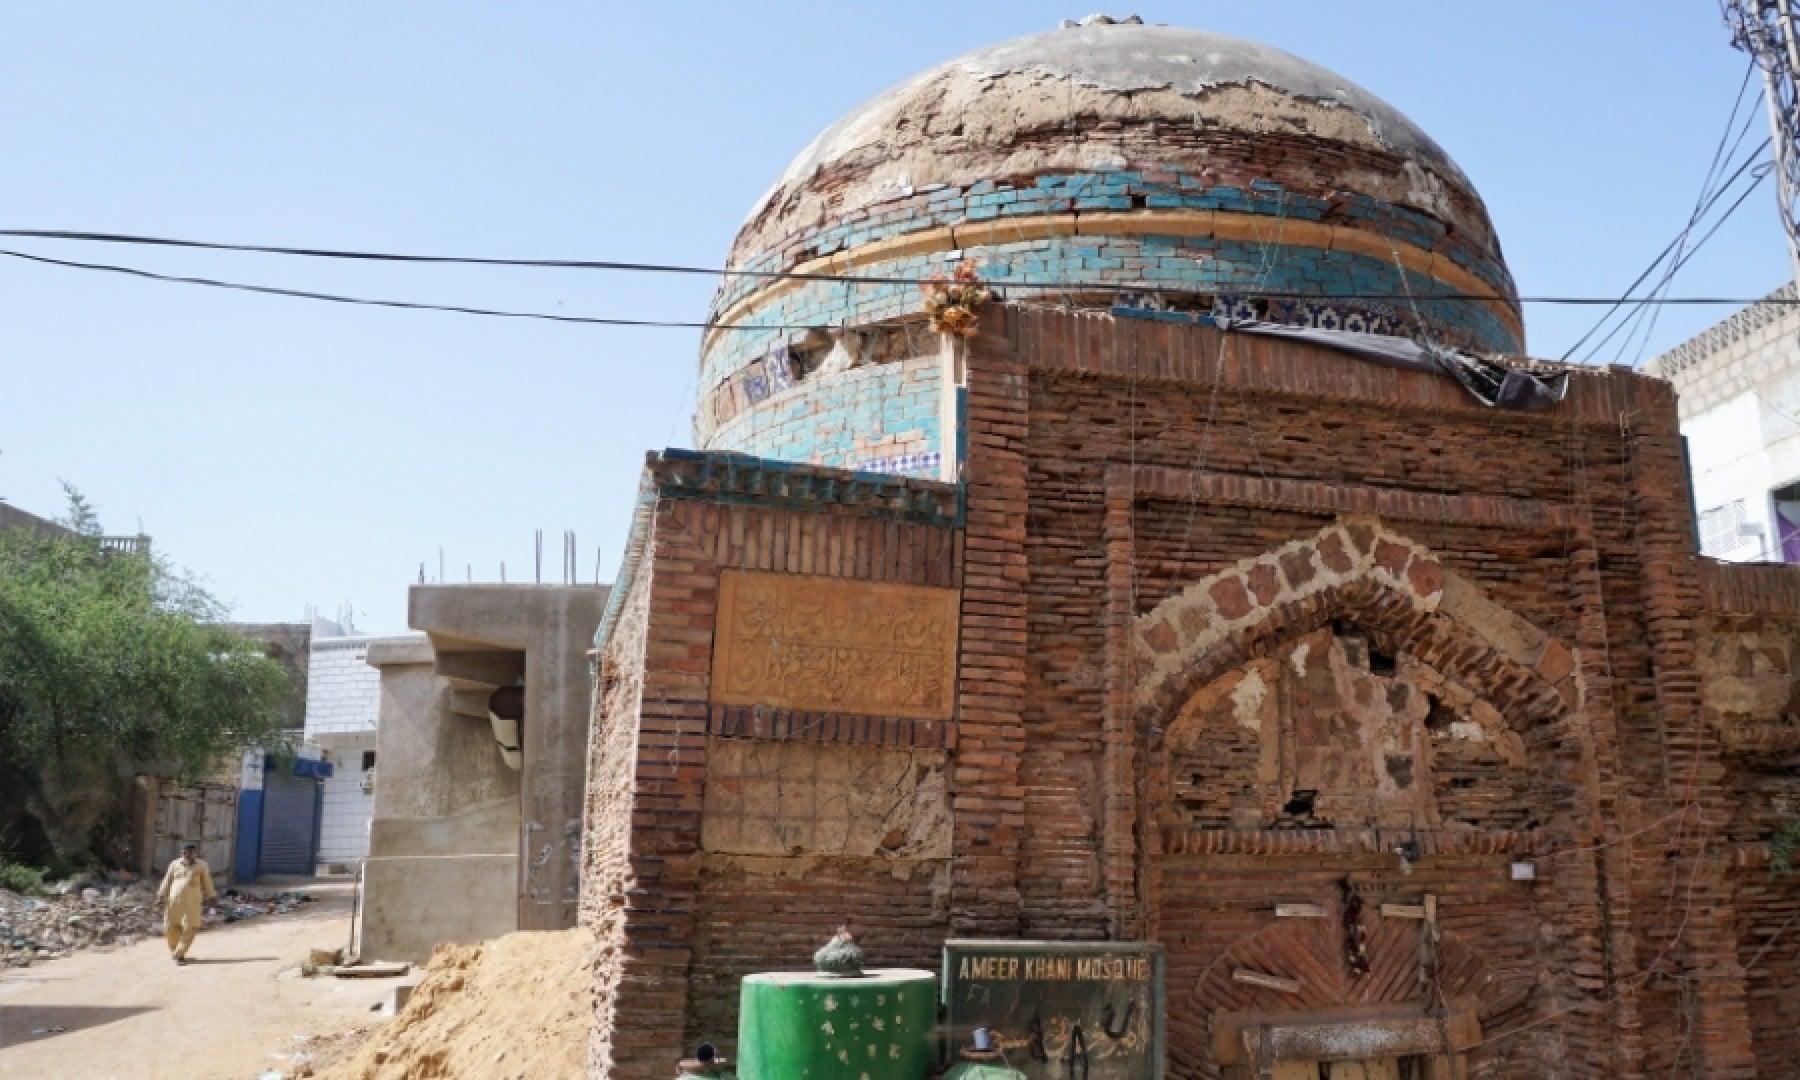 ٹھٹہ میں واقع امیر خانی مسجد